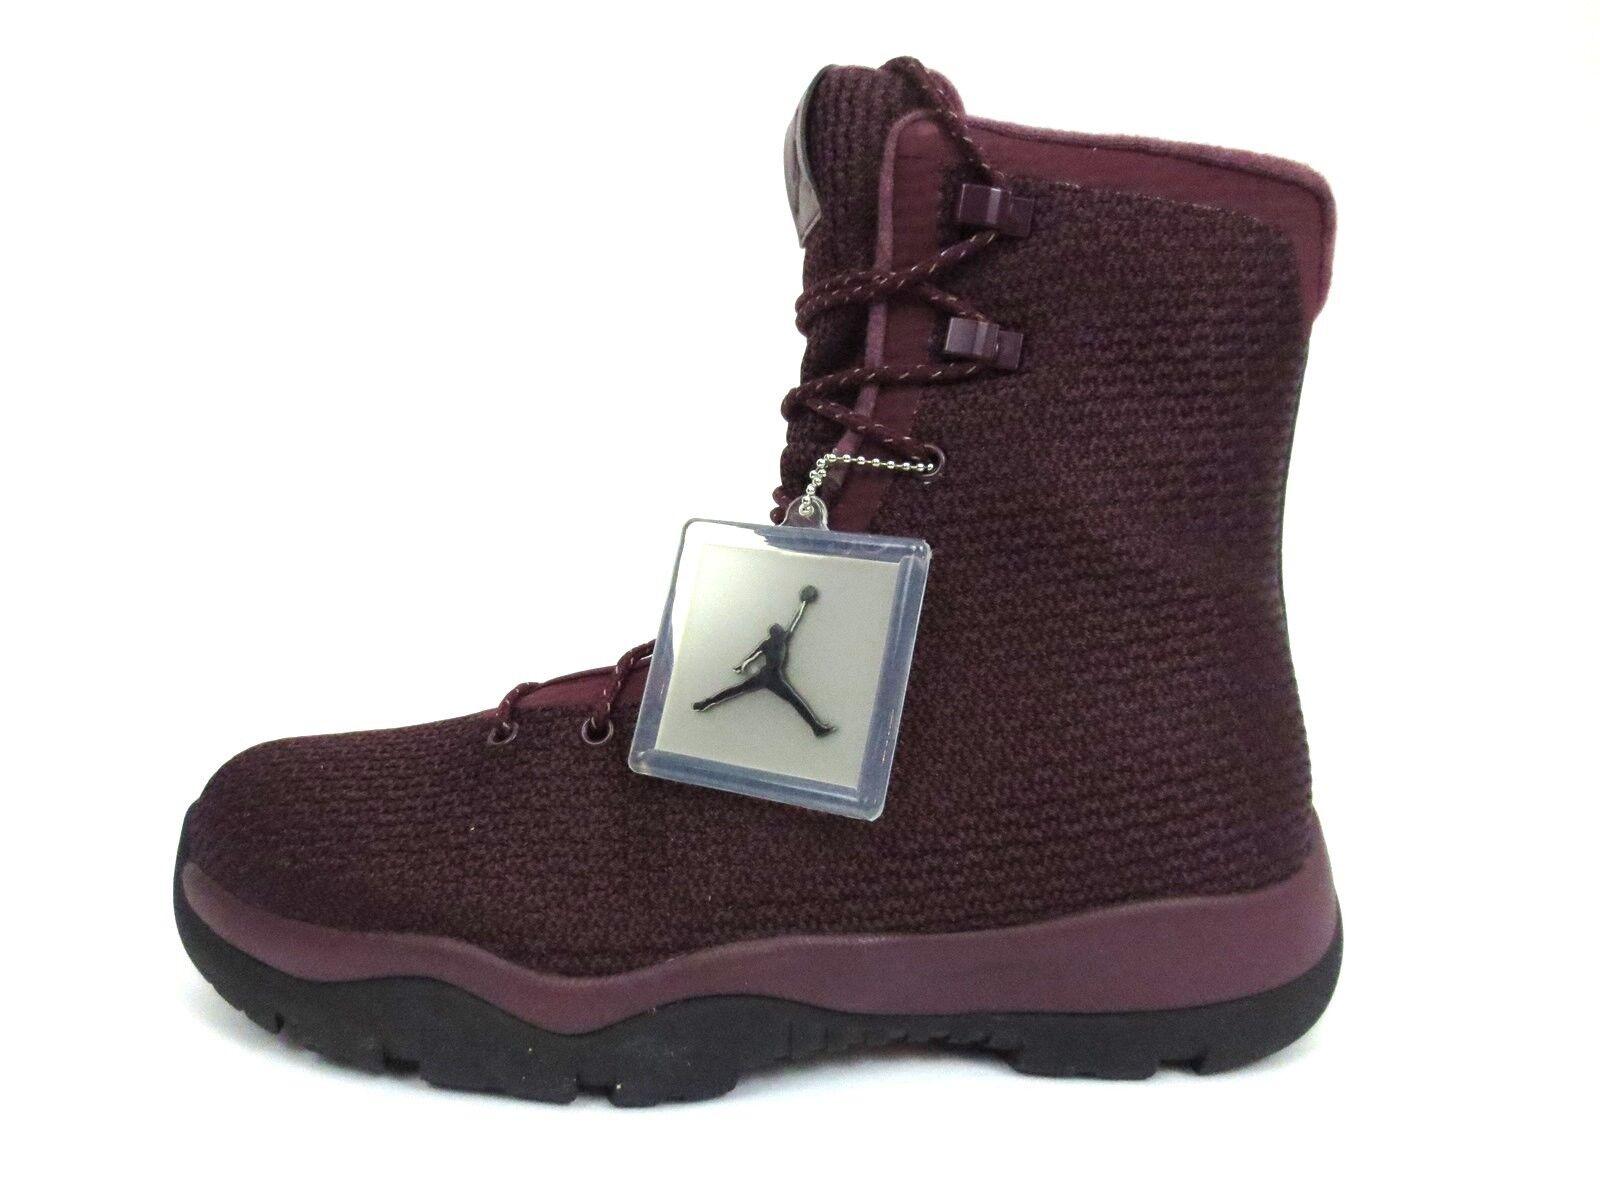 Jordan Future stivali Nike Night Maroon nero-infrarosso 23 23 23 854554-600 Dimensione US 10 7a364a